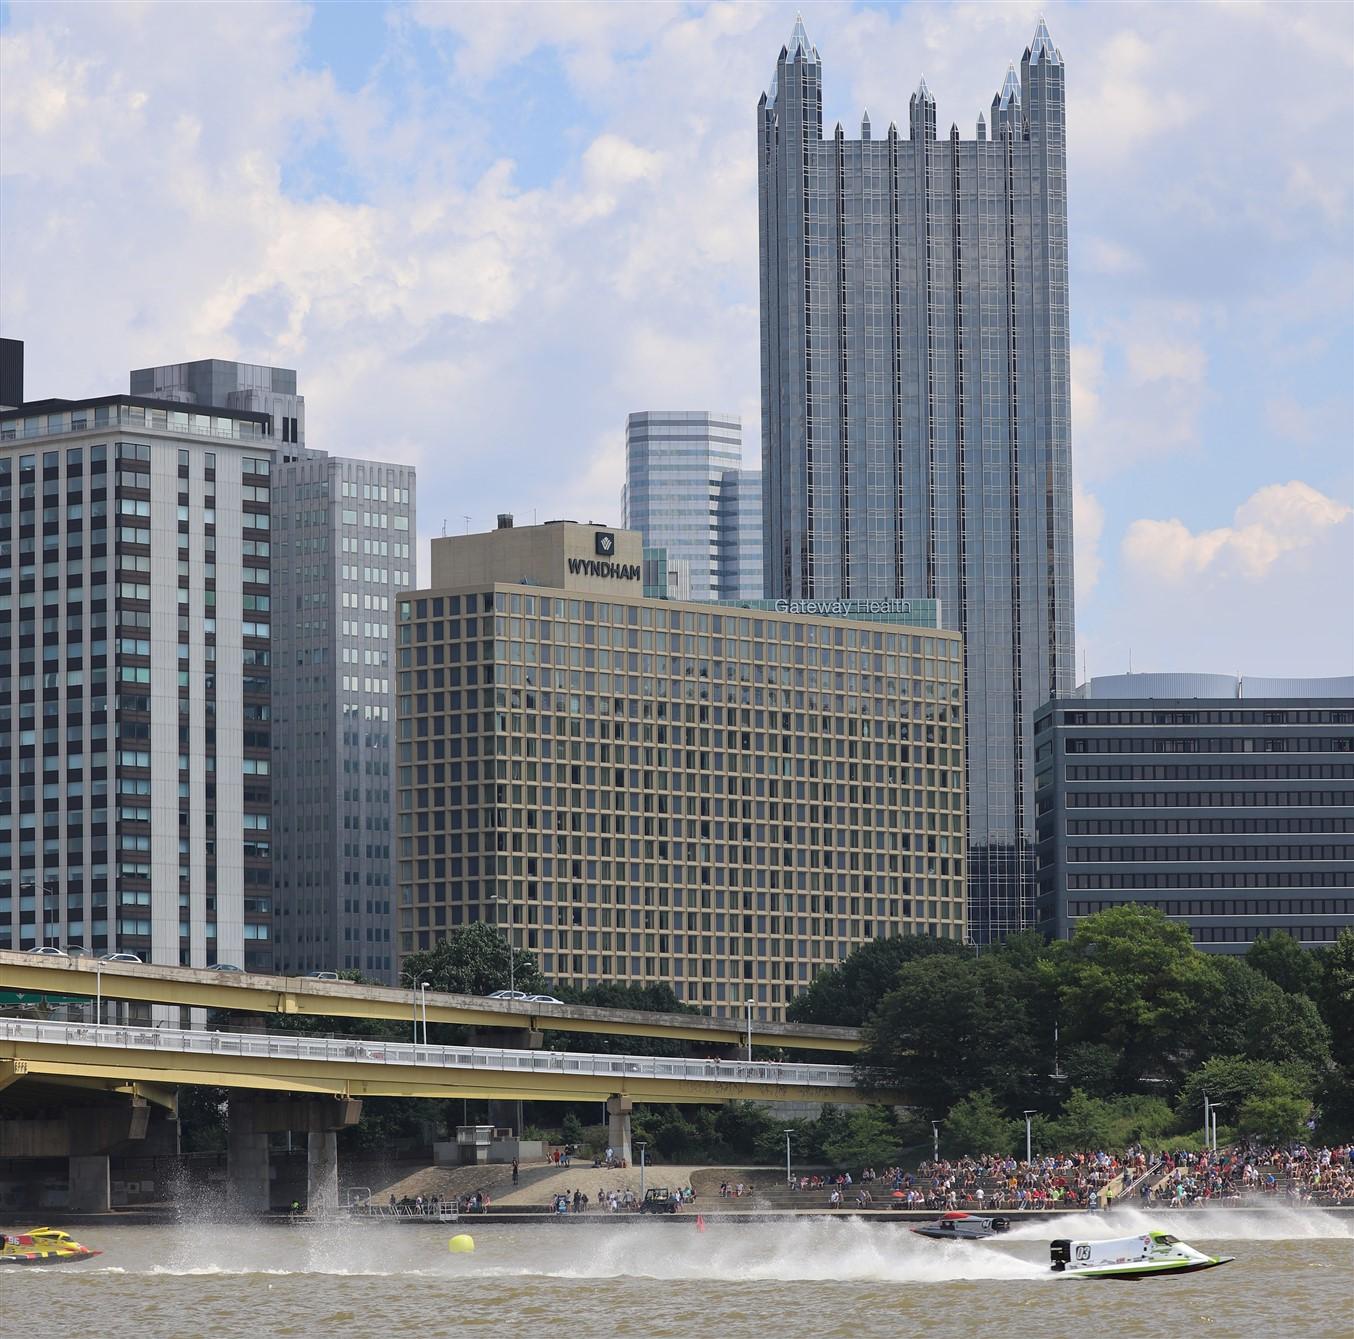 2018 08 04 211 Pittsburgh Three Rivers Regatta.jpg